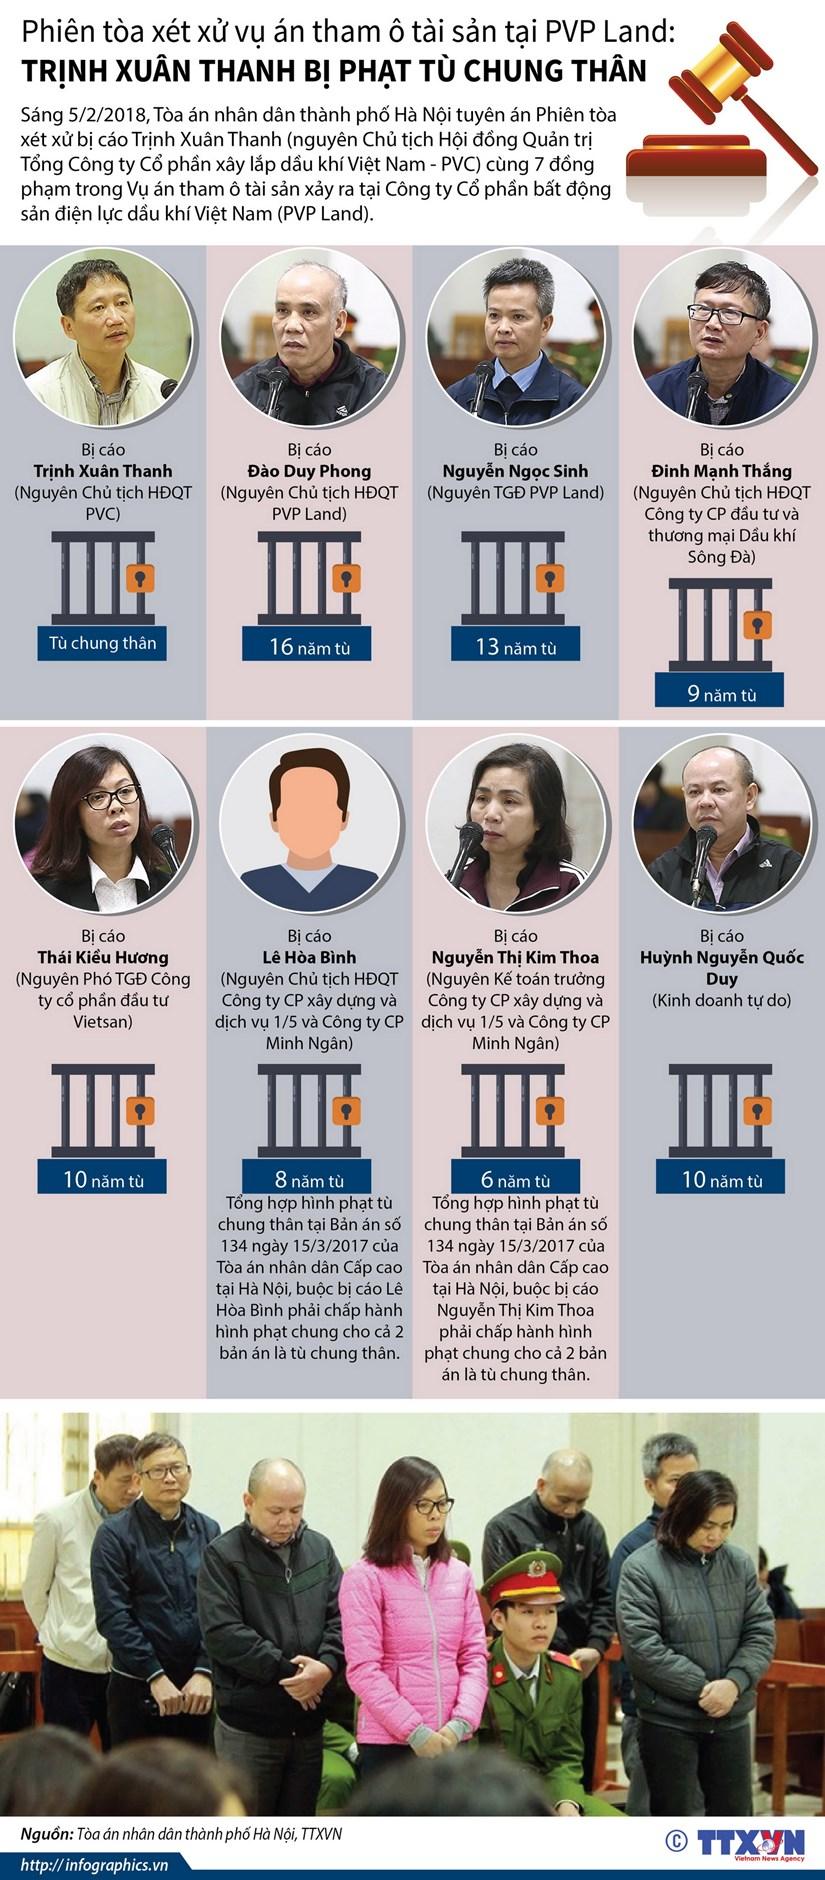 [Infographics] Trinh Xuan Thanh bi phat tu chung than vu PVP Land hinh anh 1